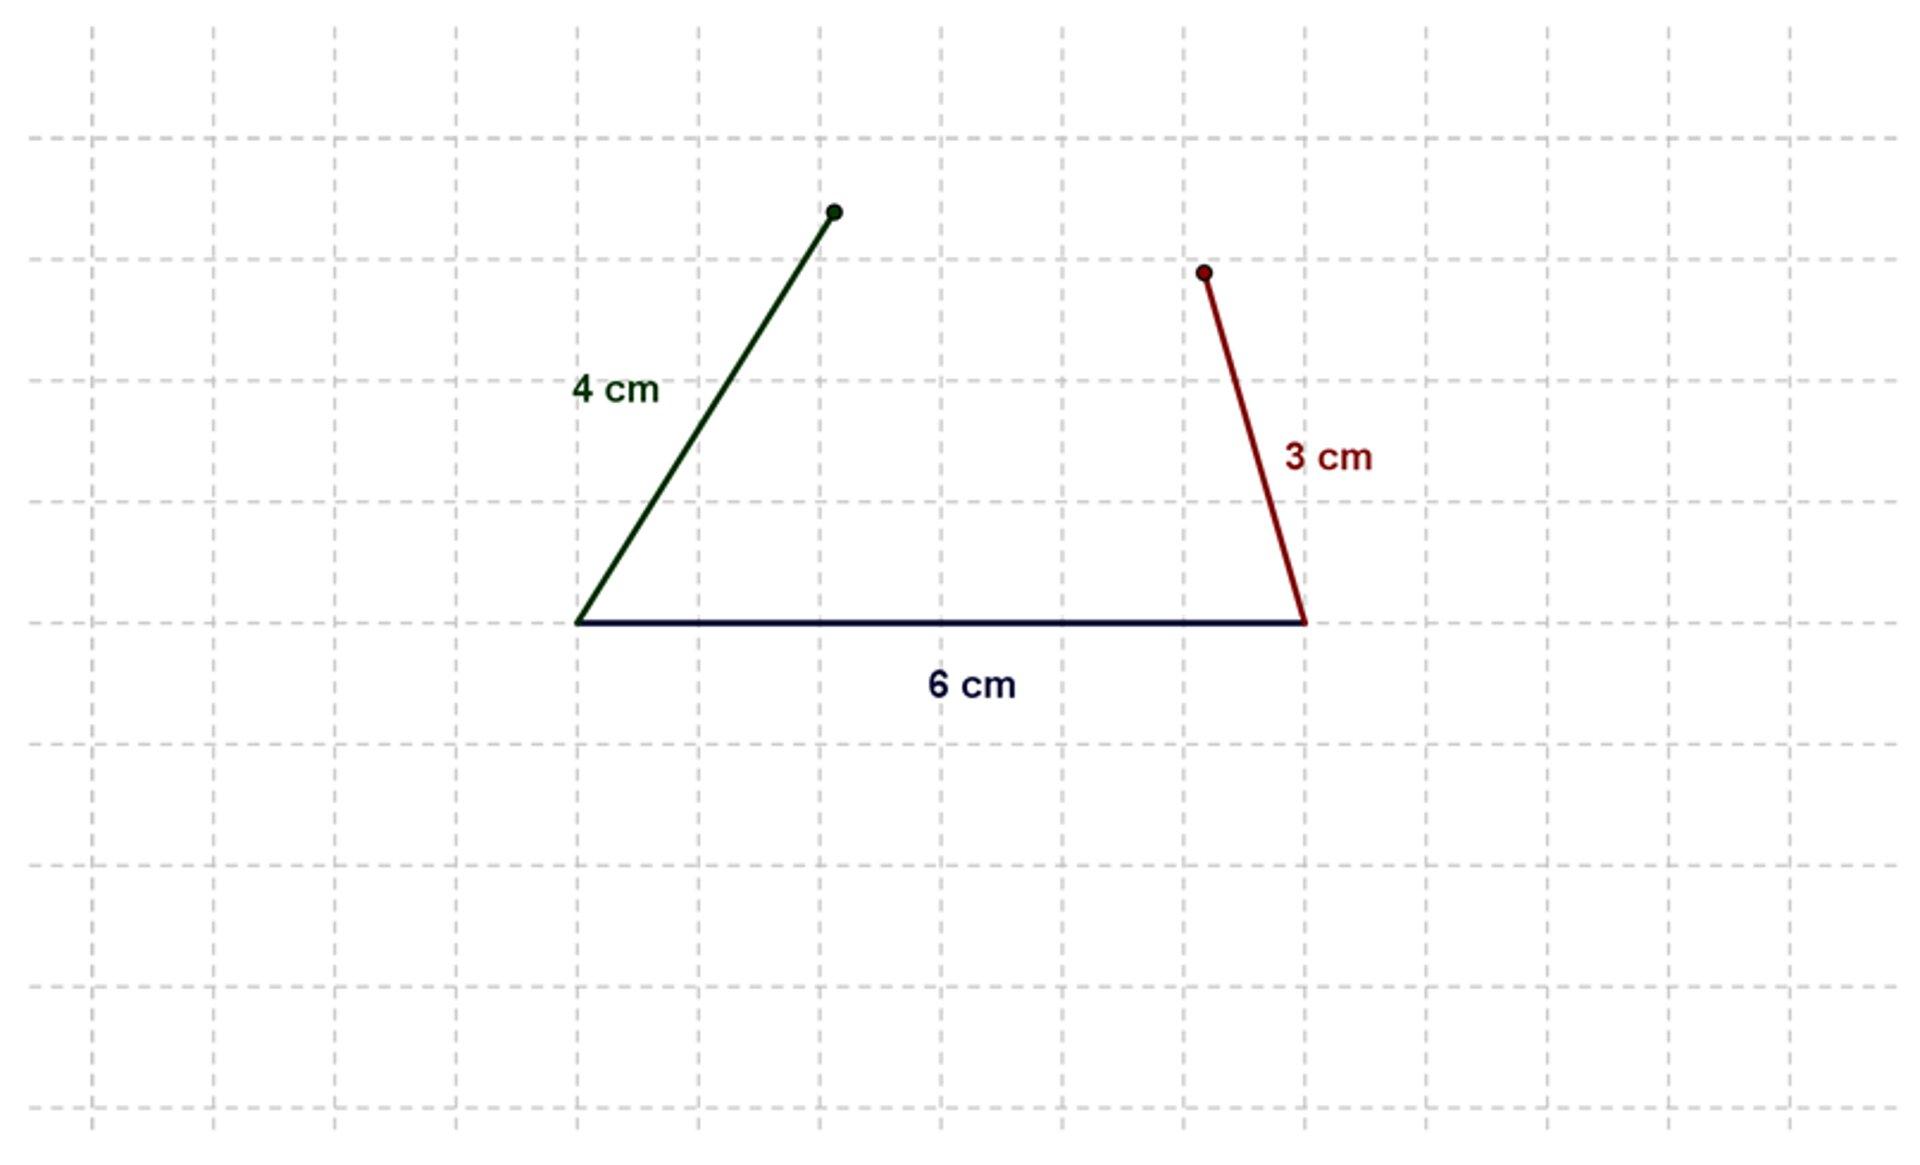 Rysunek odcinka odługości 6 cm. Do jego końców dorysowane są odcinki odługościach 4 cm i3 cm, które nie łączą się.